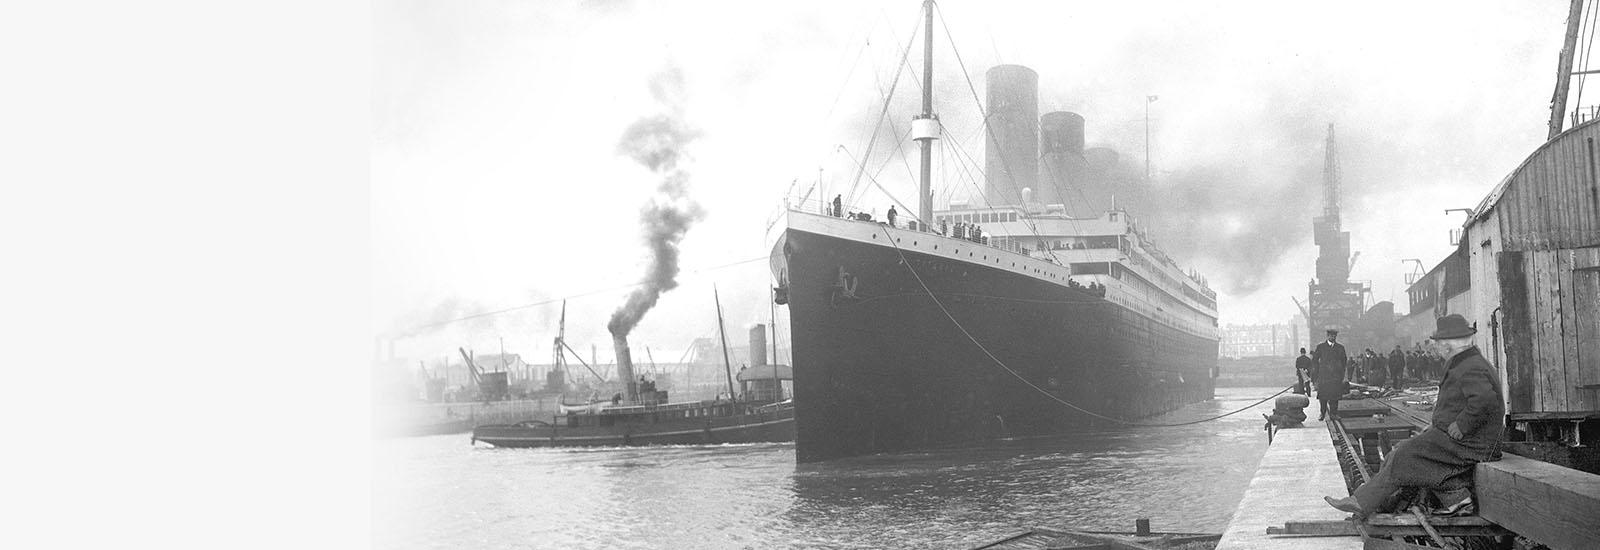 Titanic Trail Tour - Southampton Cruise Excursion